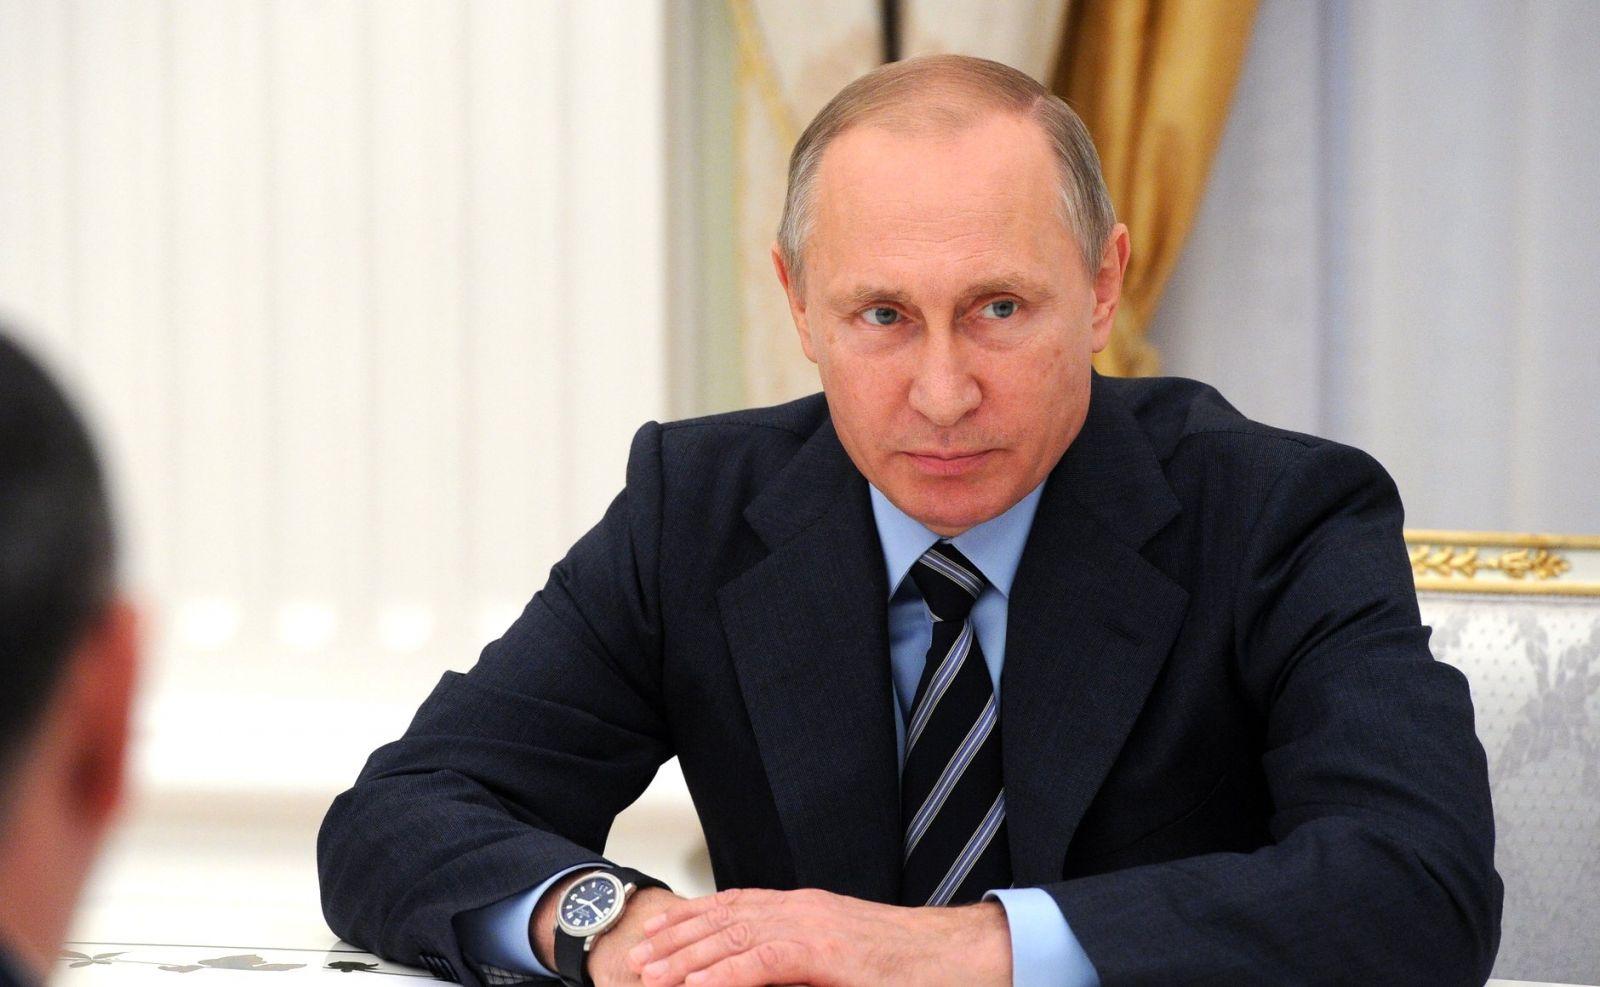 Поздравление Президента РФ В.В. Путина по случаю 25-летнего Юбилея Паралимпийского комитета России